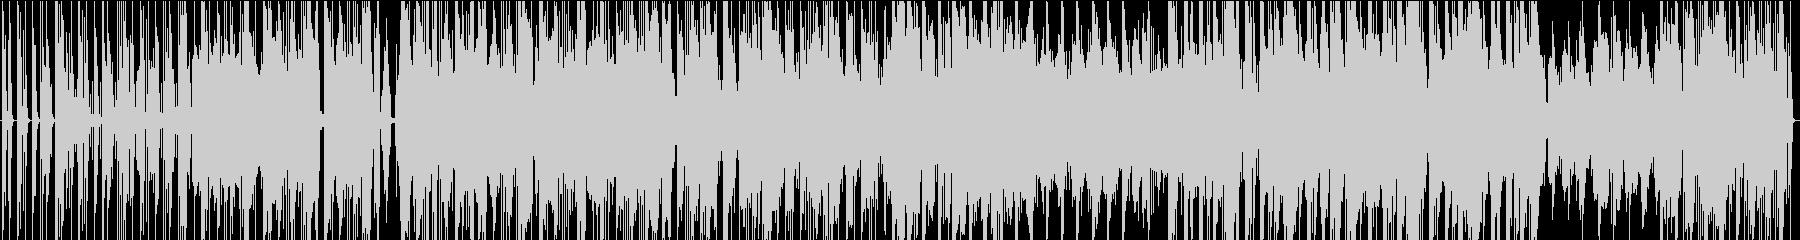 エッジの効いた機械サウンドの未再生の波形